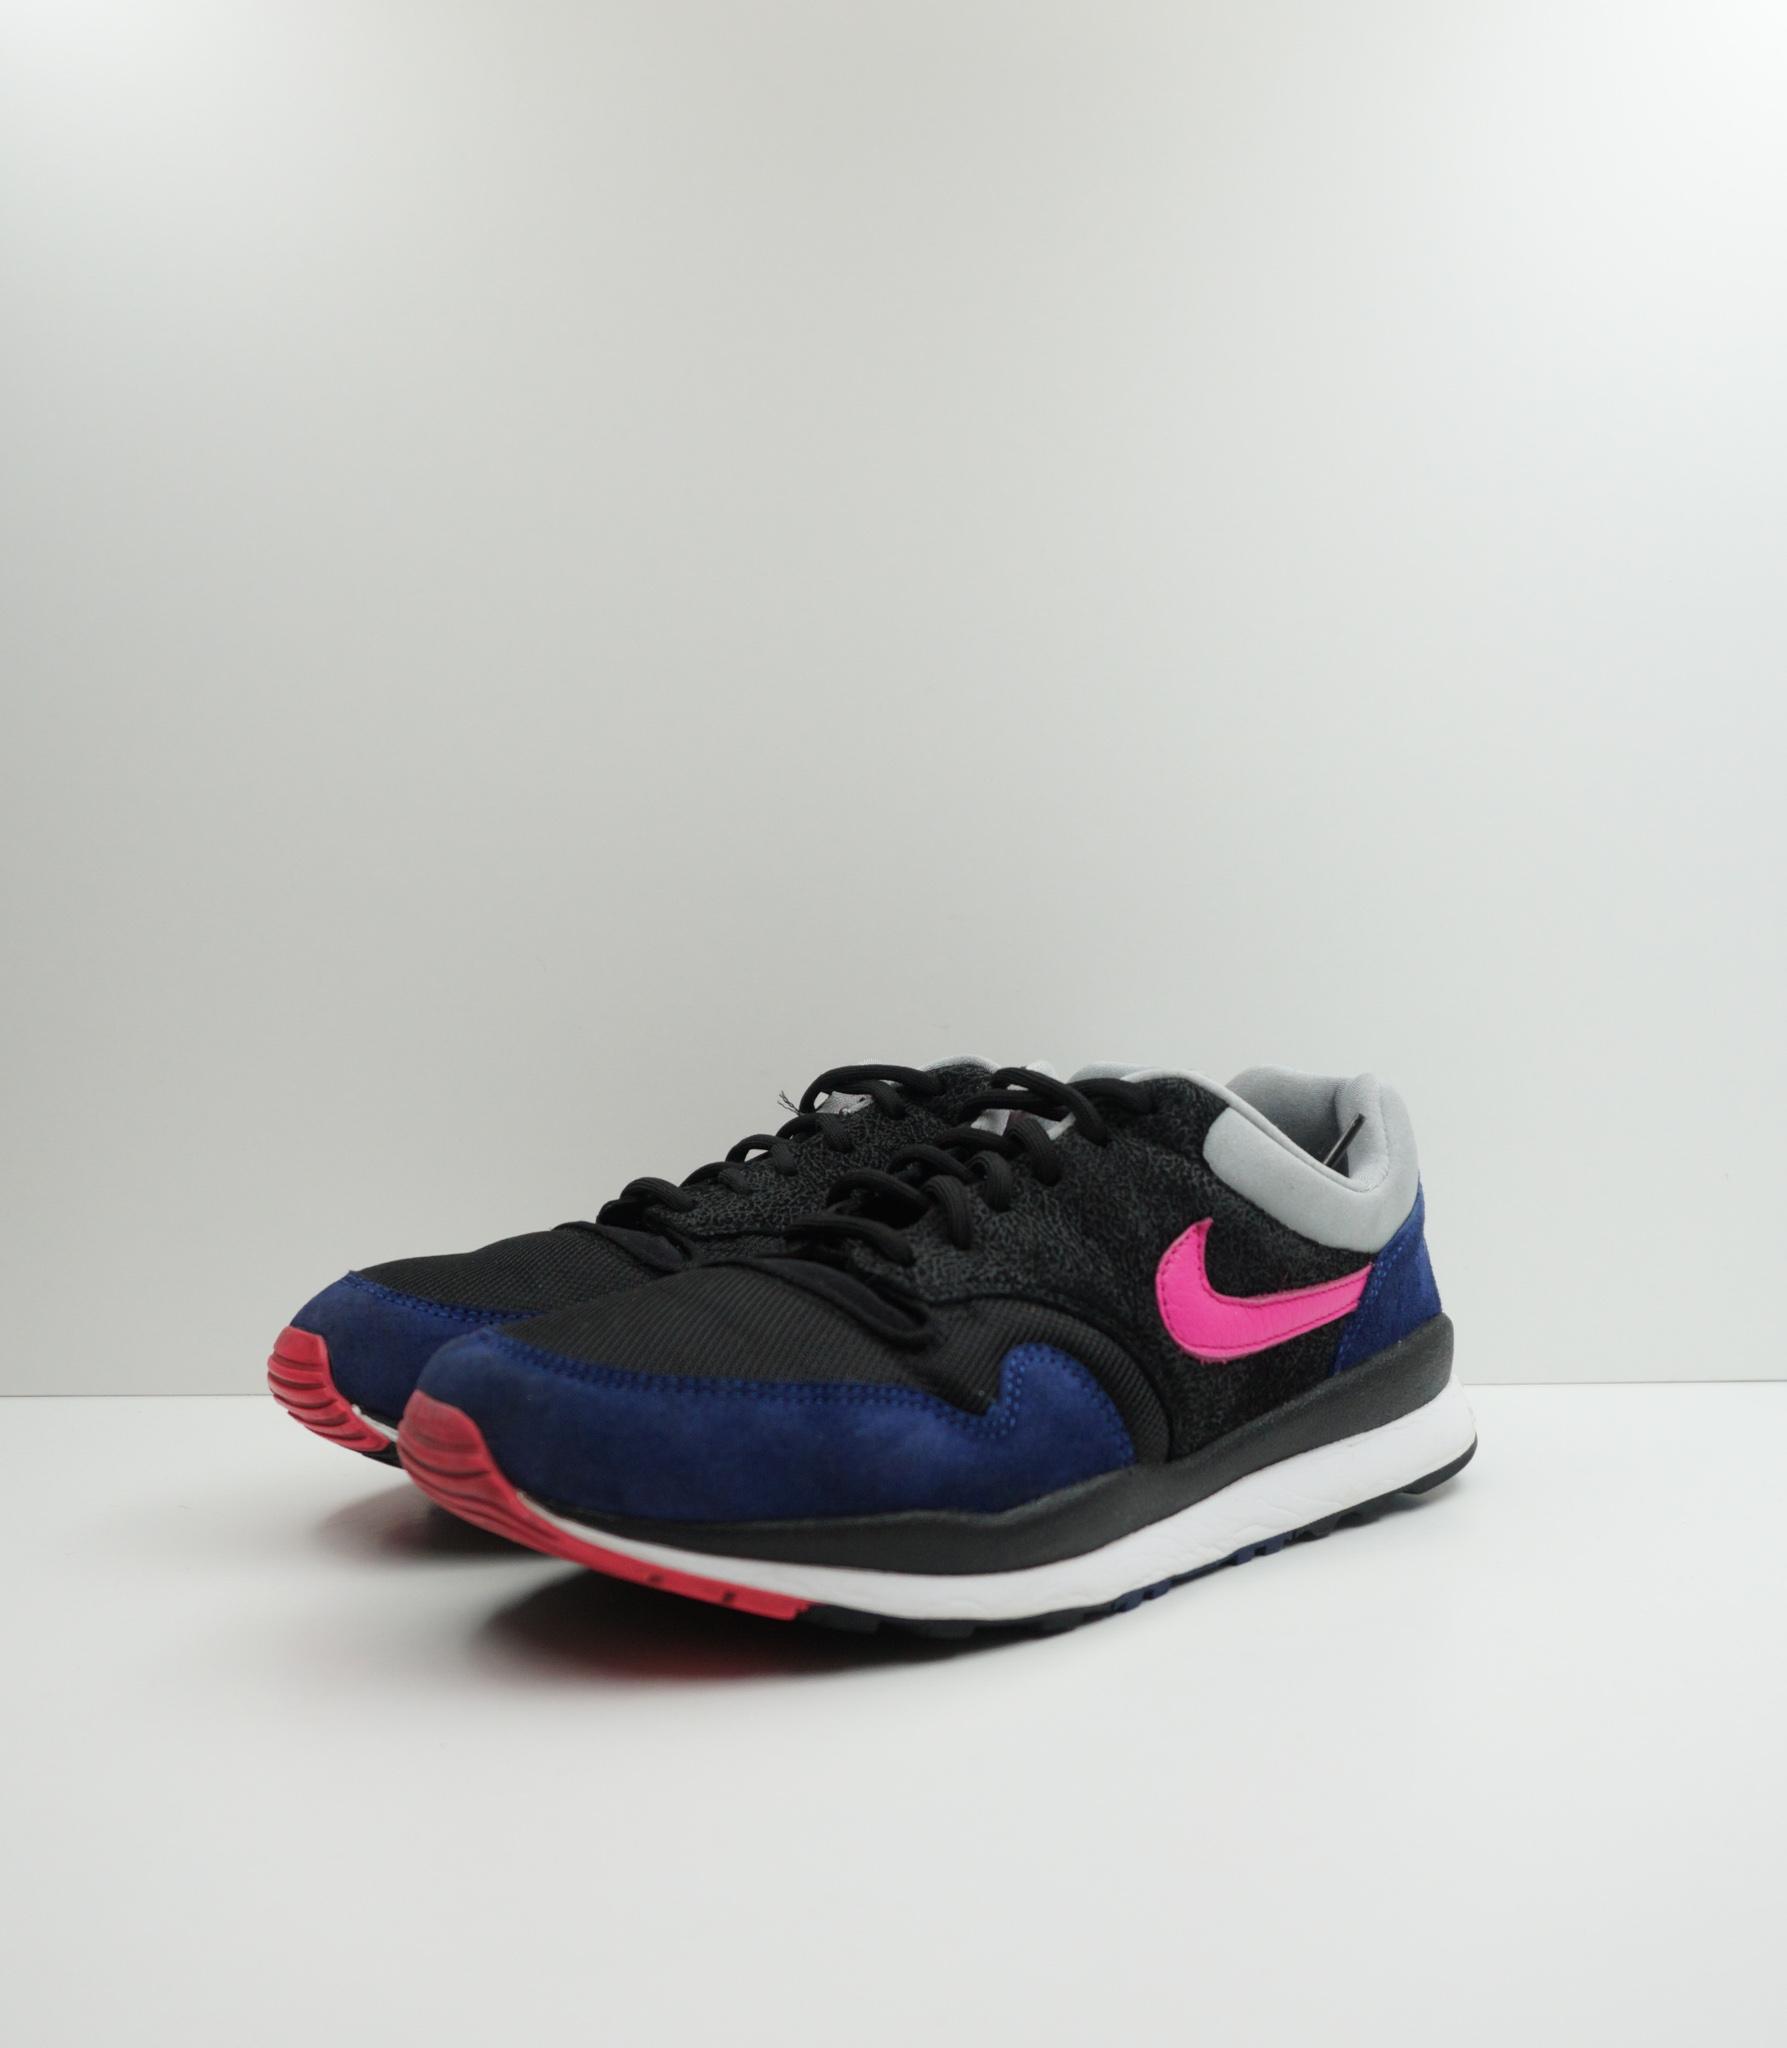 Nike Air Safari Black Pink Deep Royal